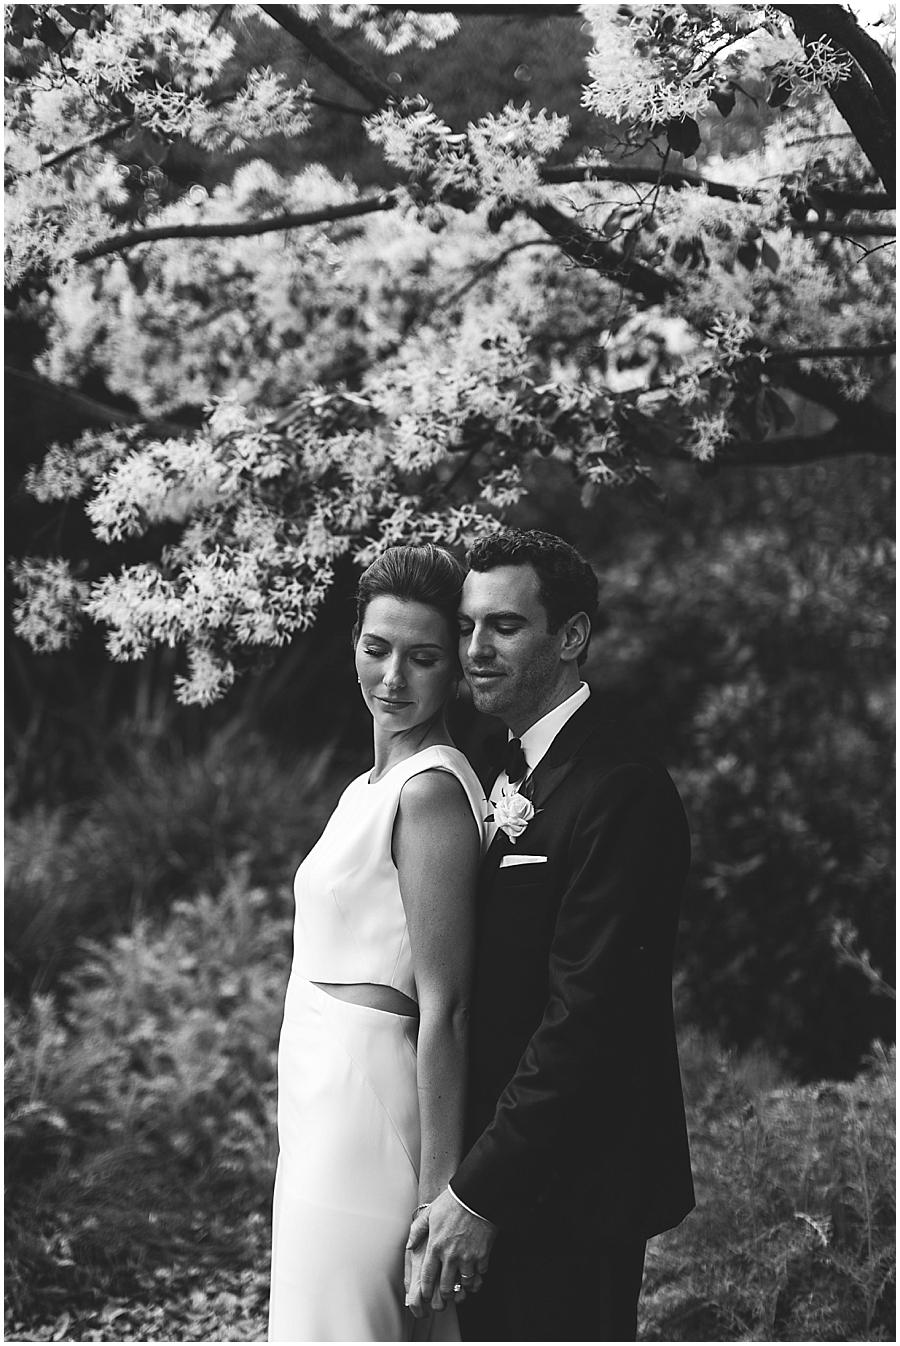 Tom+Kate_stevecowellphoto_0037.jpg